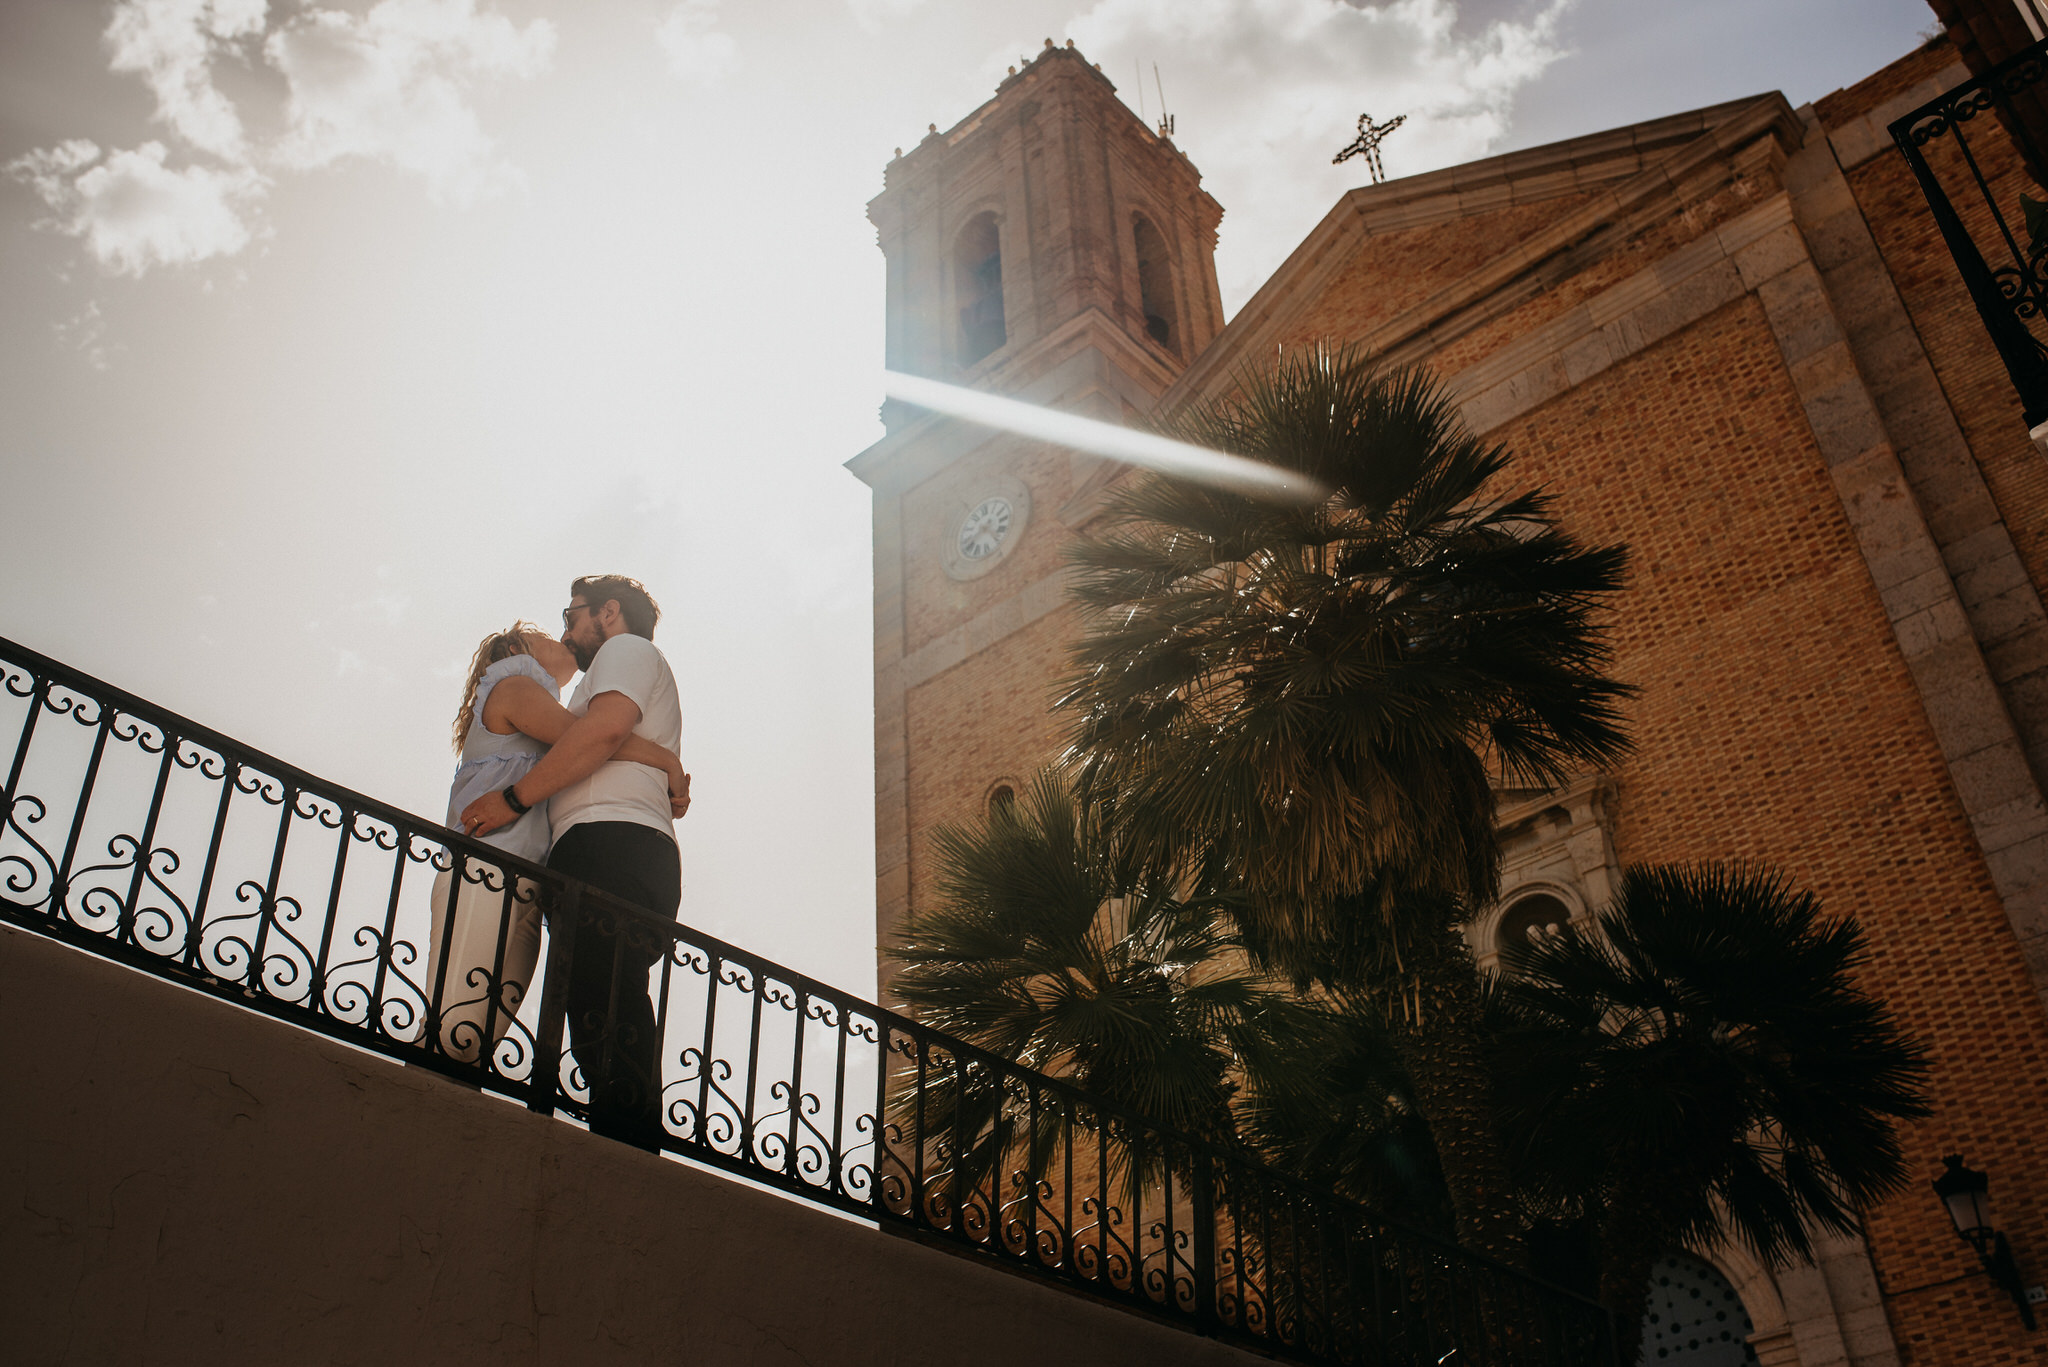 Sesja ślubna zagraniczzna Hiszpania Staszek Gajda0062.JPG